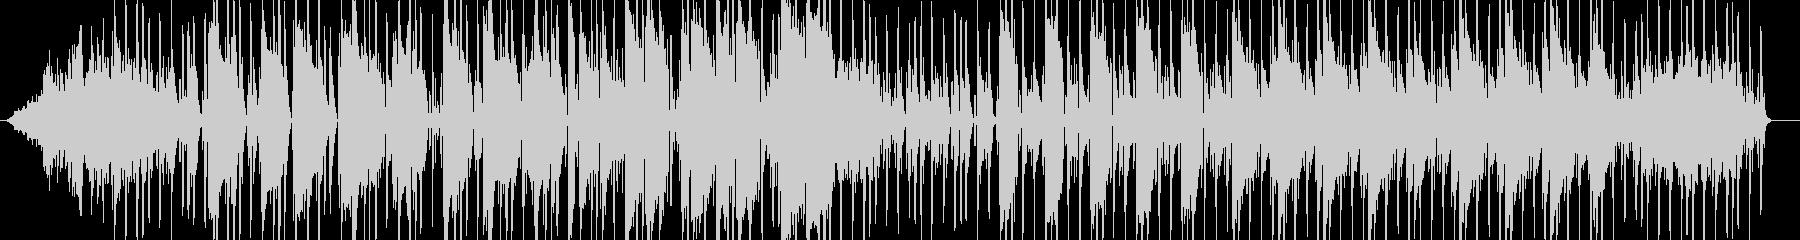 ピアノフォルテの雰囲気。テンション...の未再生の波形